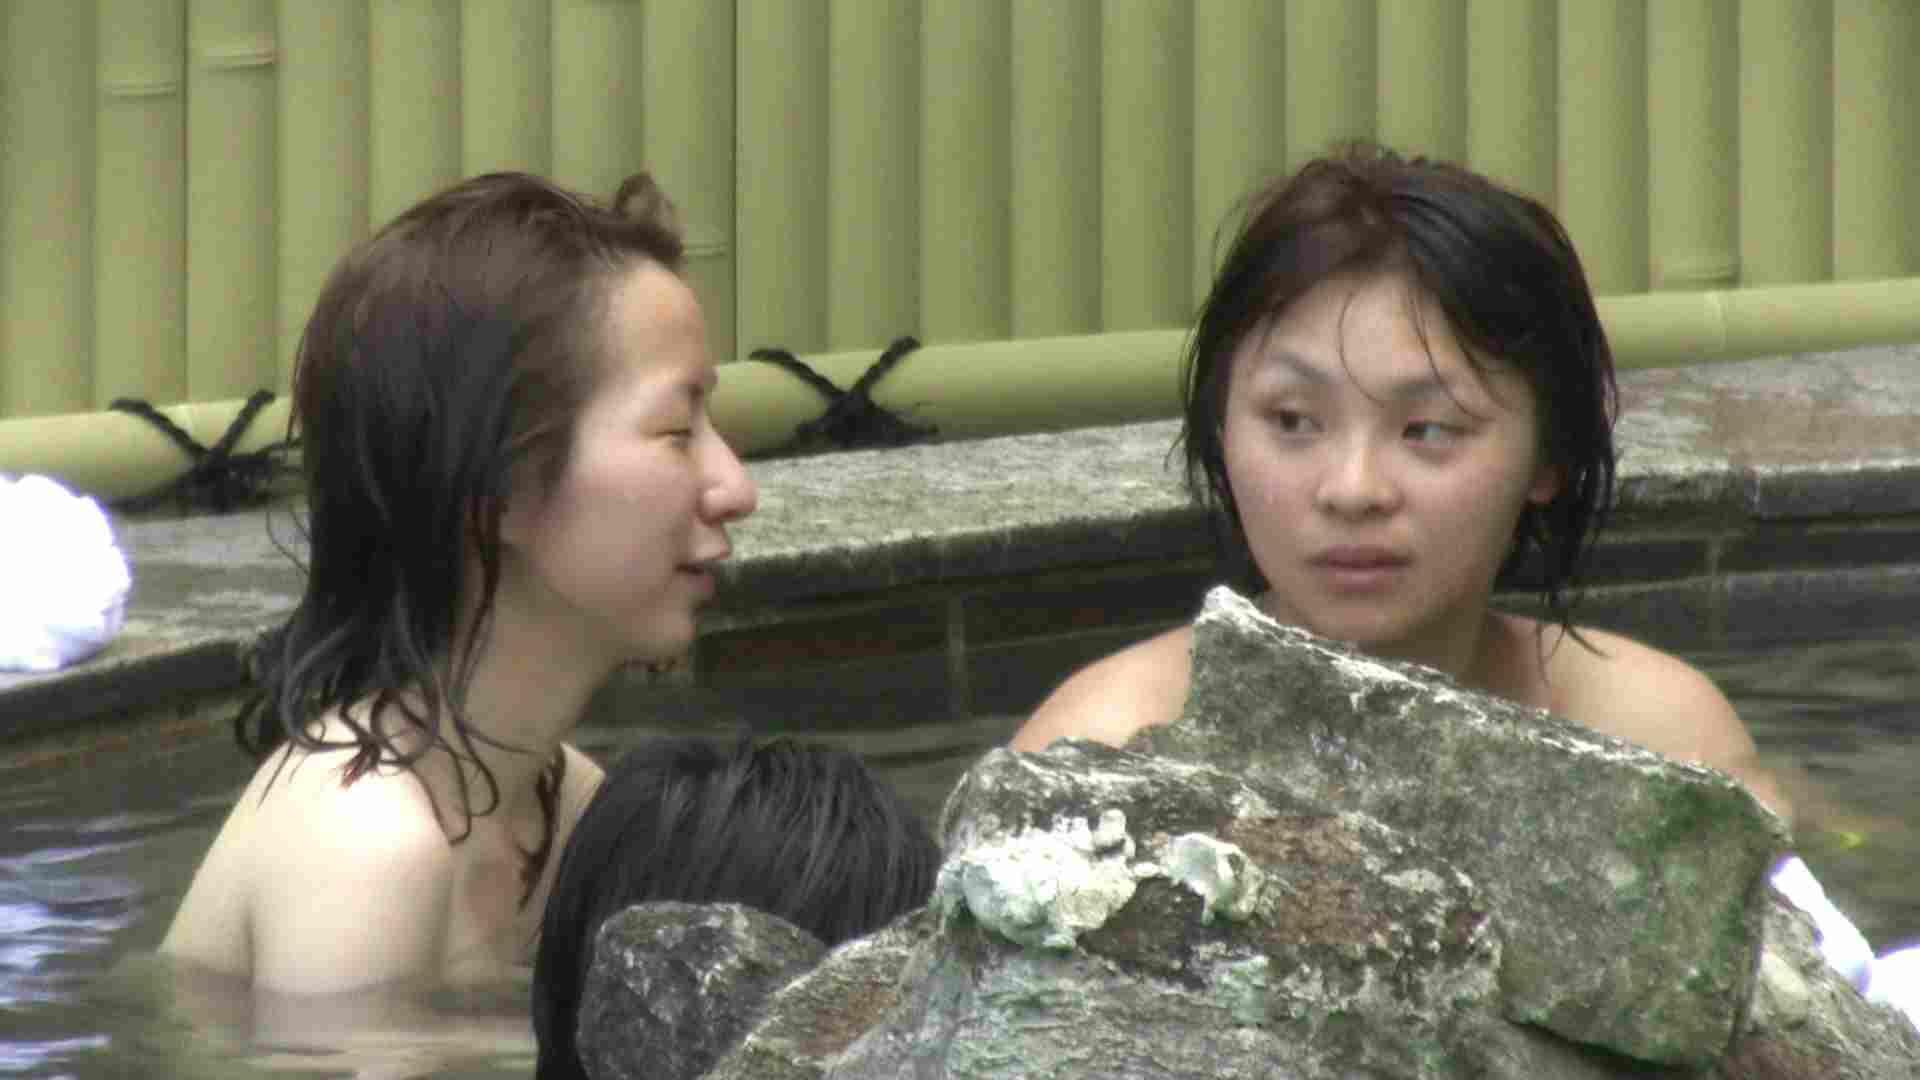 Aquaな露天風呂Vol.181 盗撮 | 露天  105pic 63